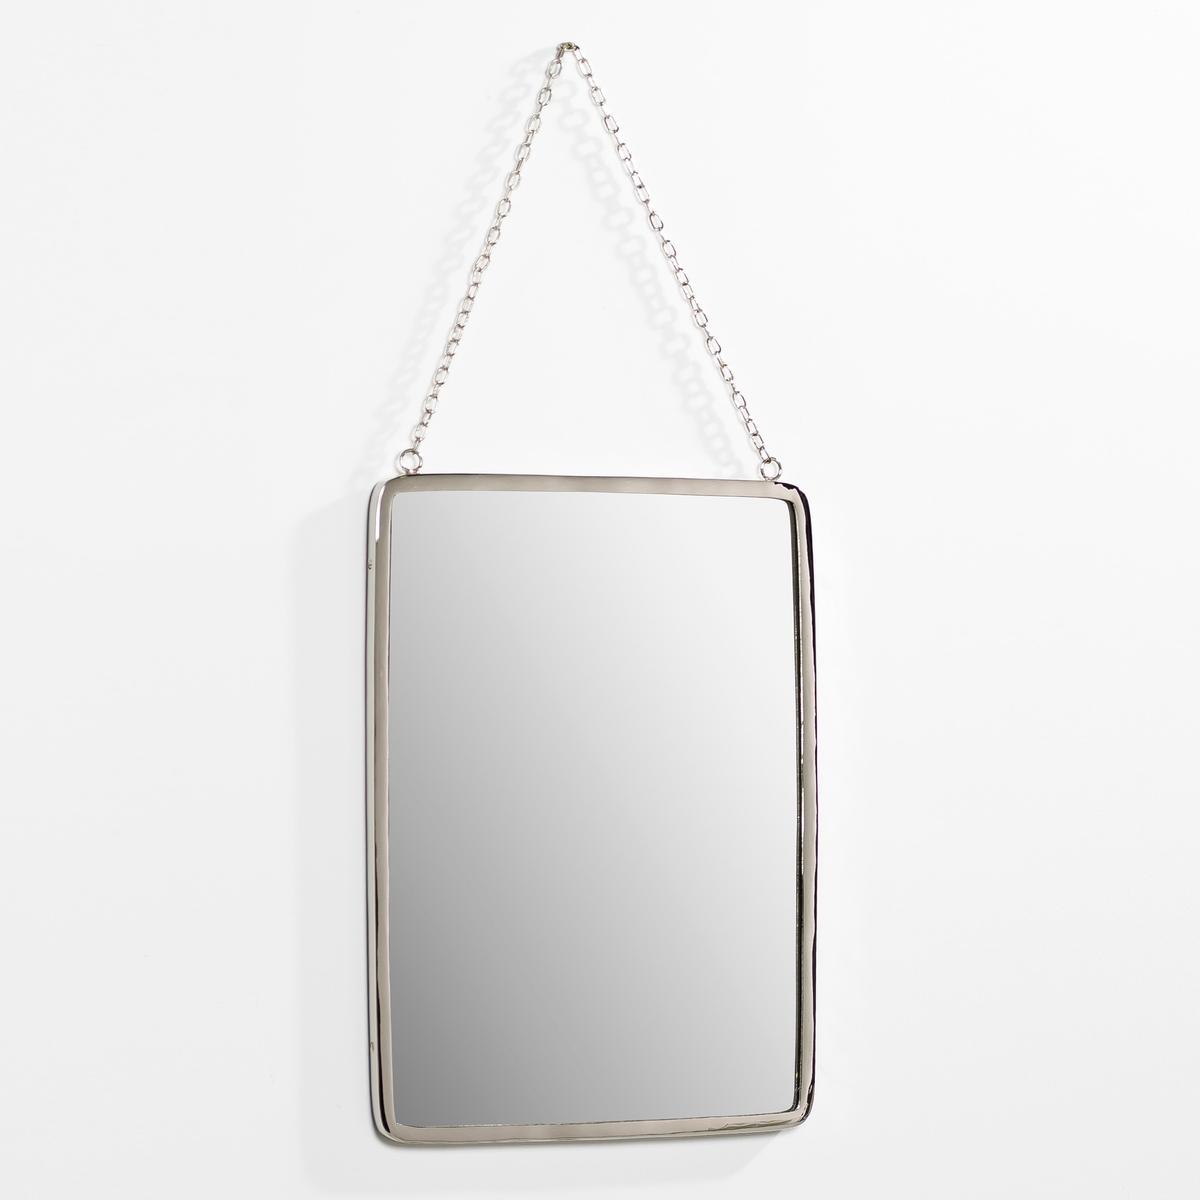 Зеркало La Redoute Прямоугольное большой размер Д37 x В52 см Barbier единый размер другие зеркало la redoute прямоугольное д x в см barbier единый размер другие